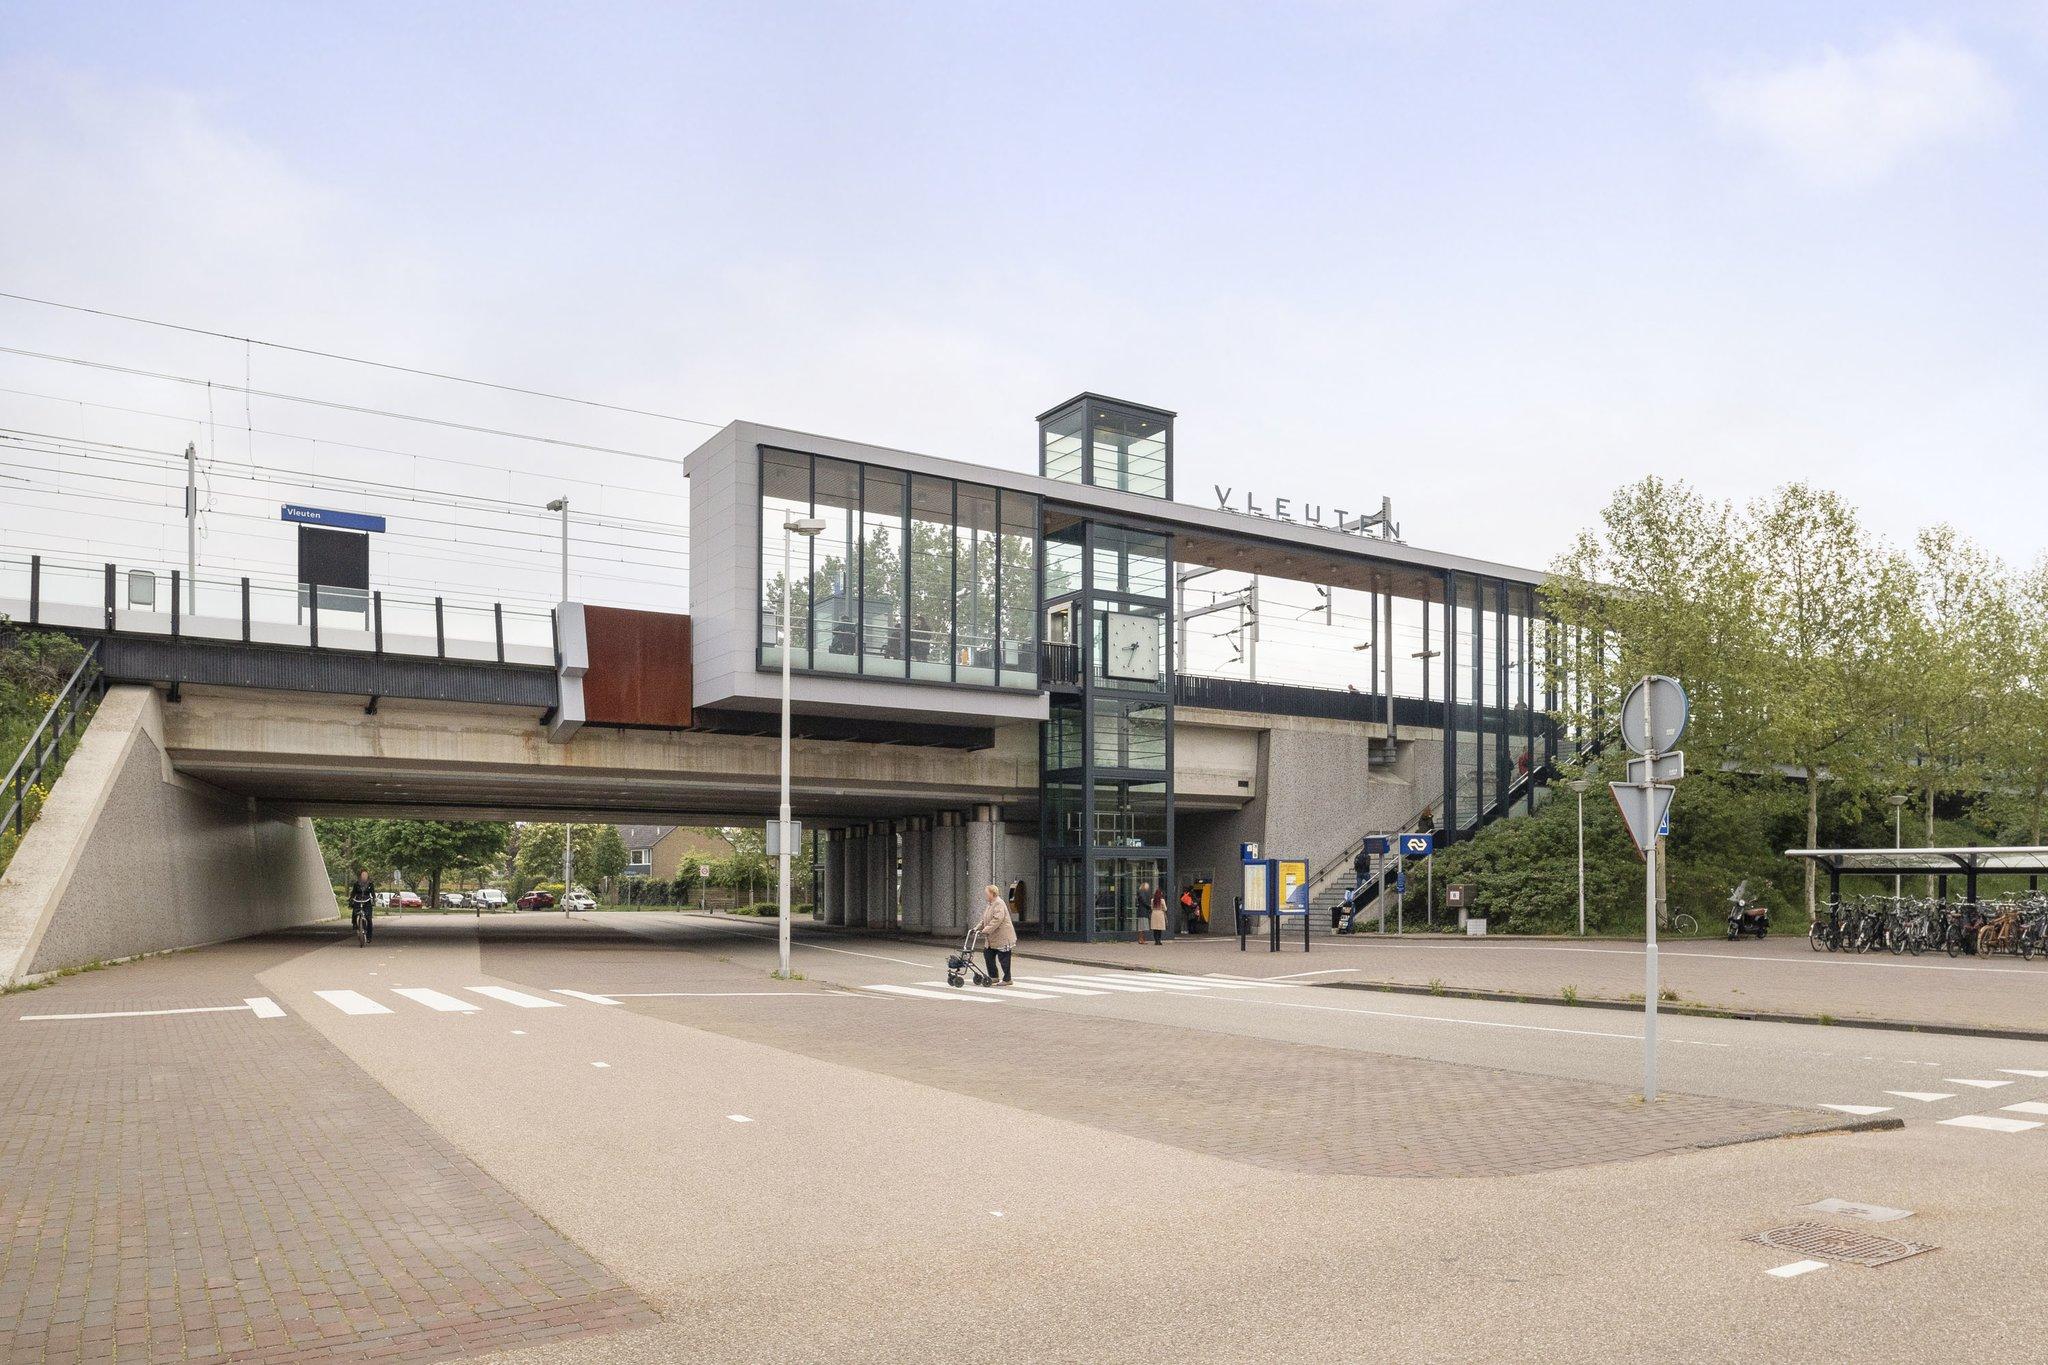 Station Vleuten